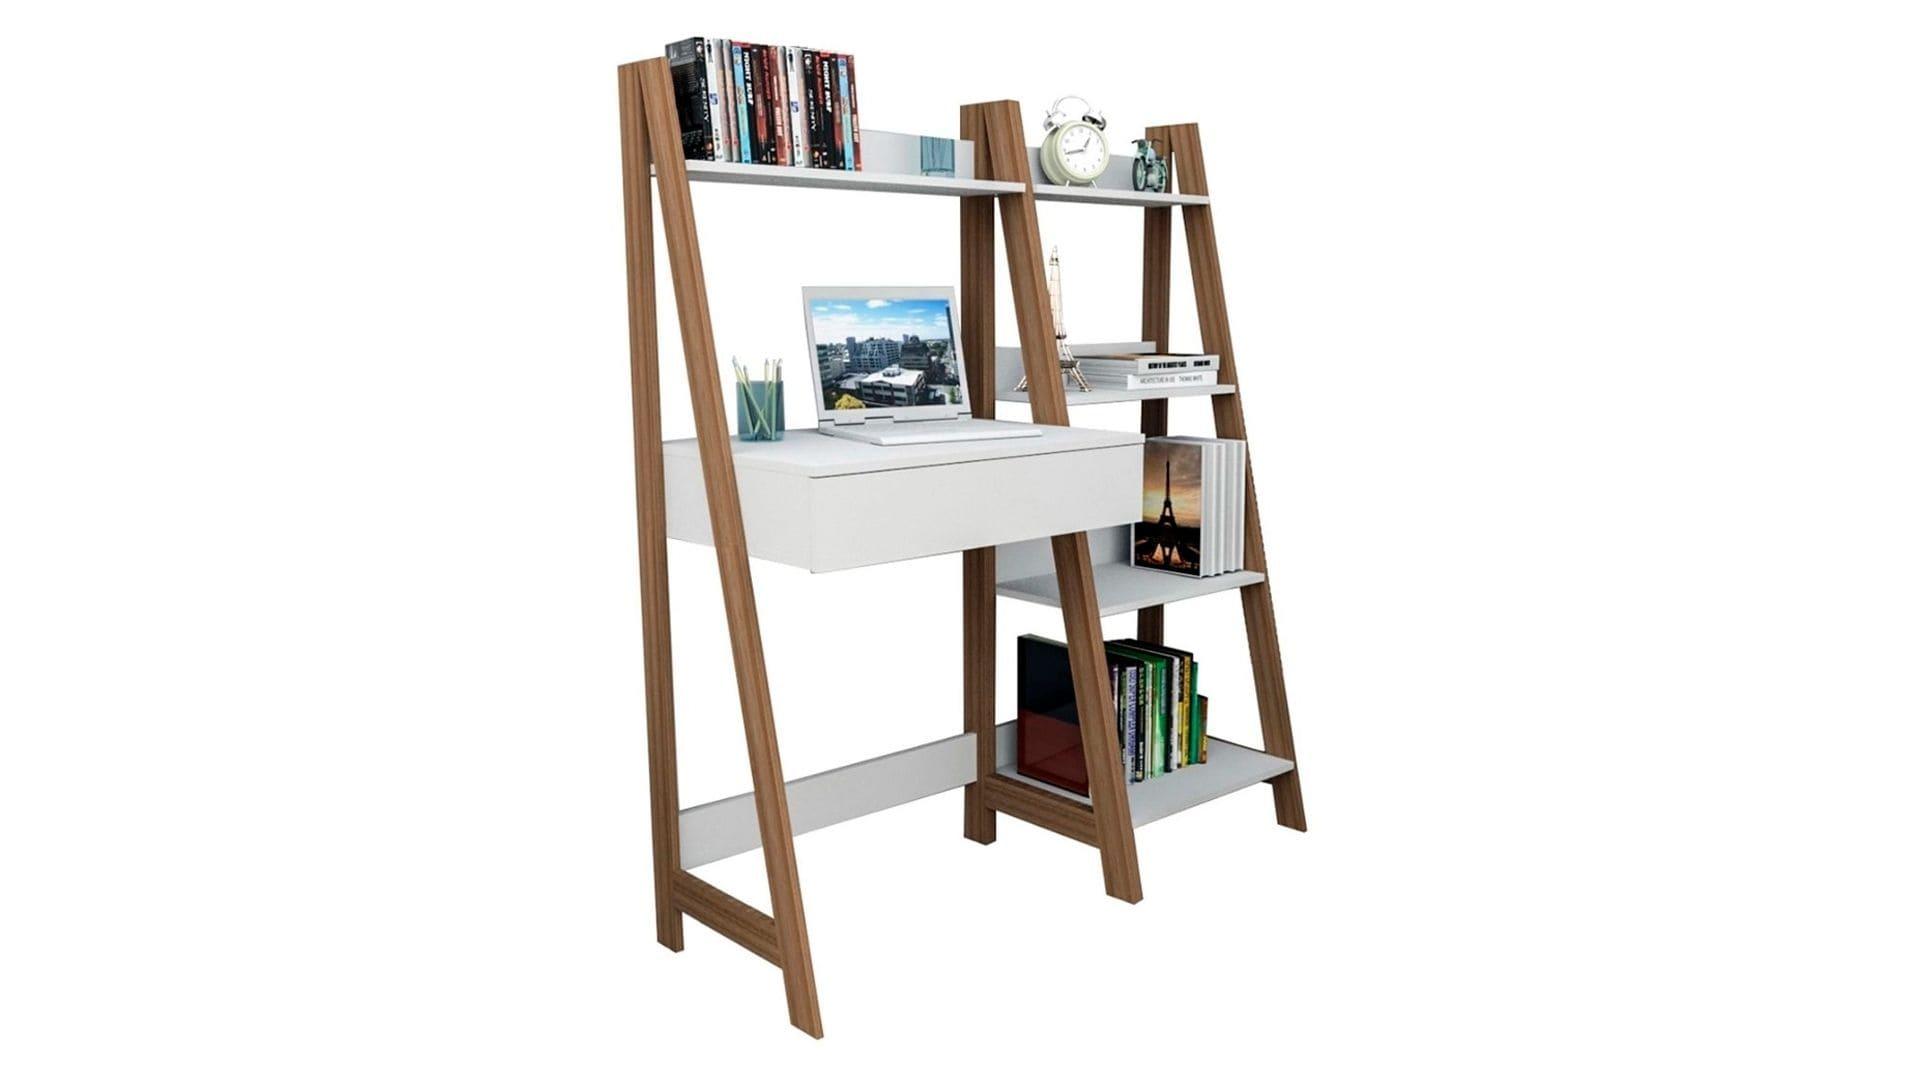 Mesa para computador Escrivaninha Urban 1 Gaveta branca com laterais em madeira